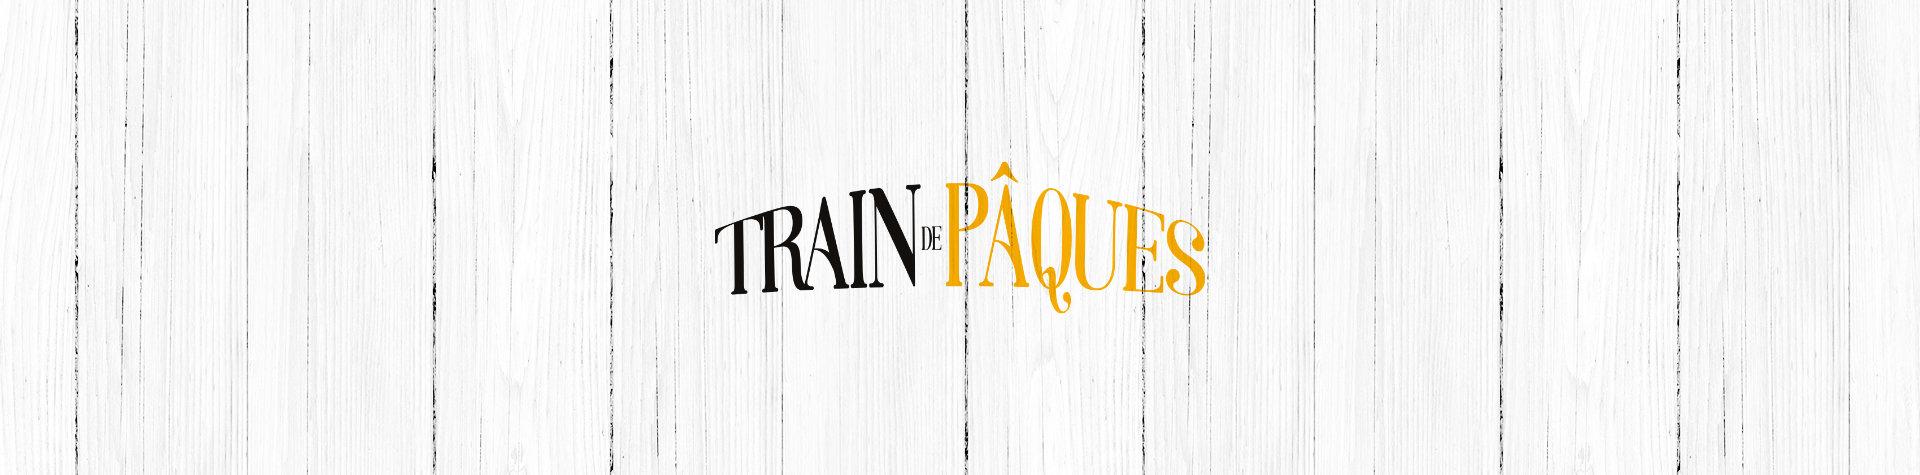 Train de paques